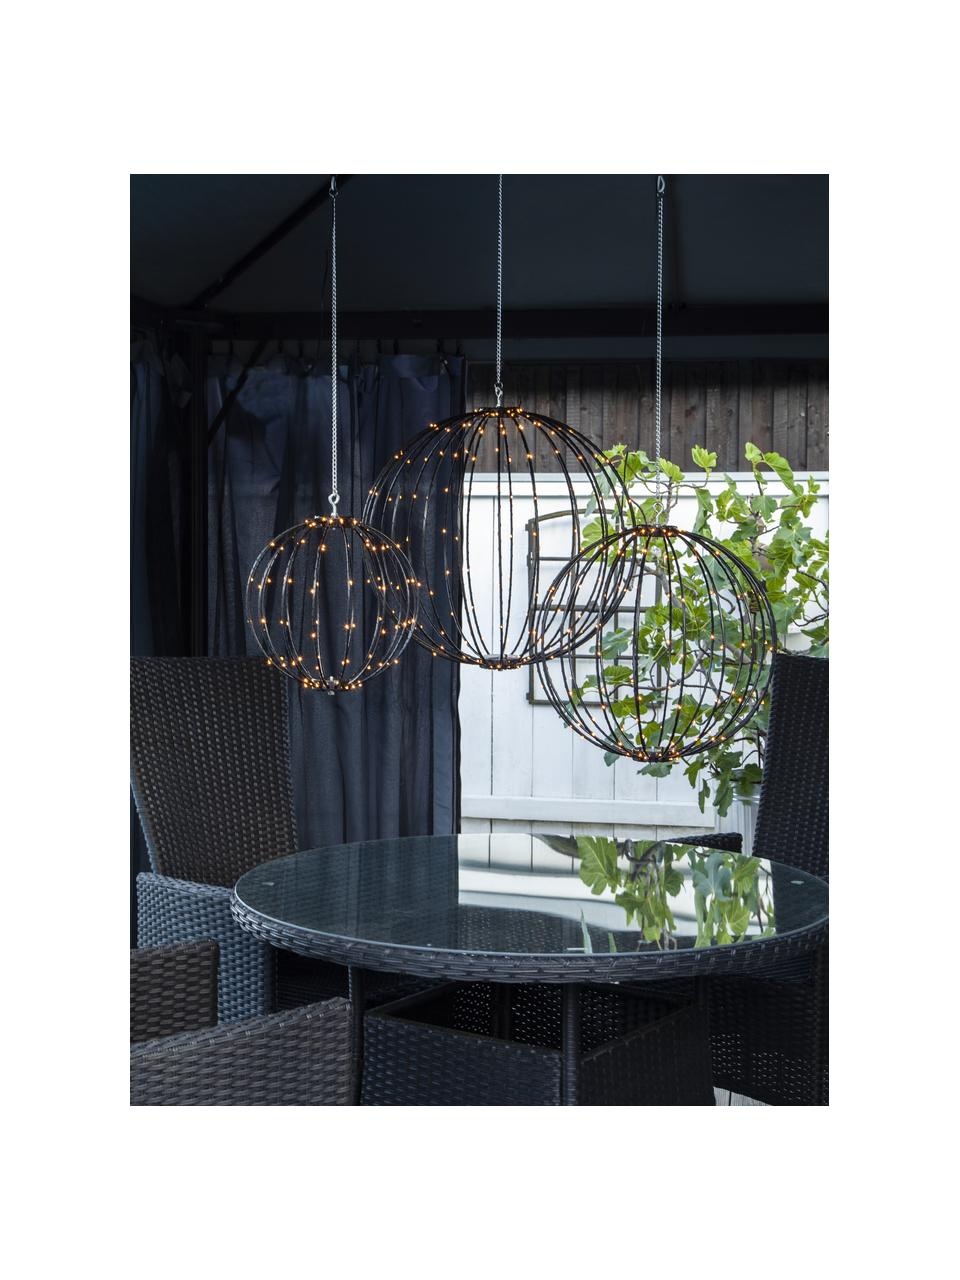 Outdoor hanglamp Mounty met stekker, Lampenkap: kunststof, Zwart, Ø 30 cm